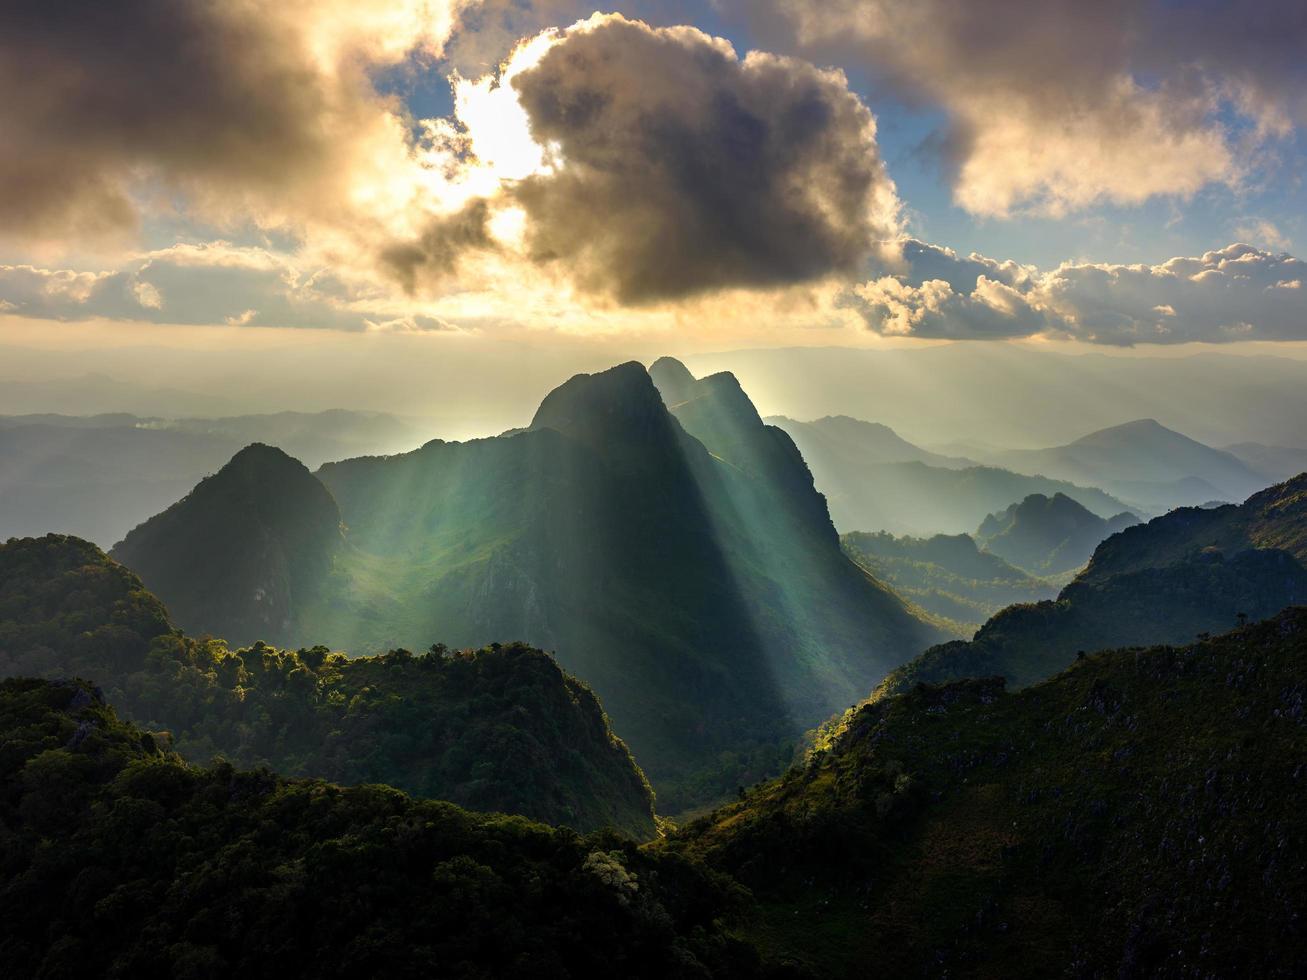 Sonne scheint durch Wolken und Berge foto